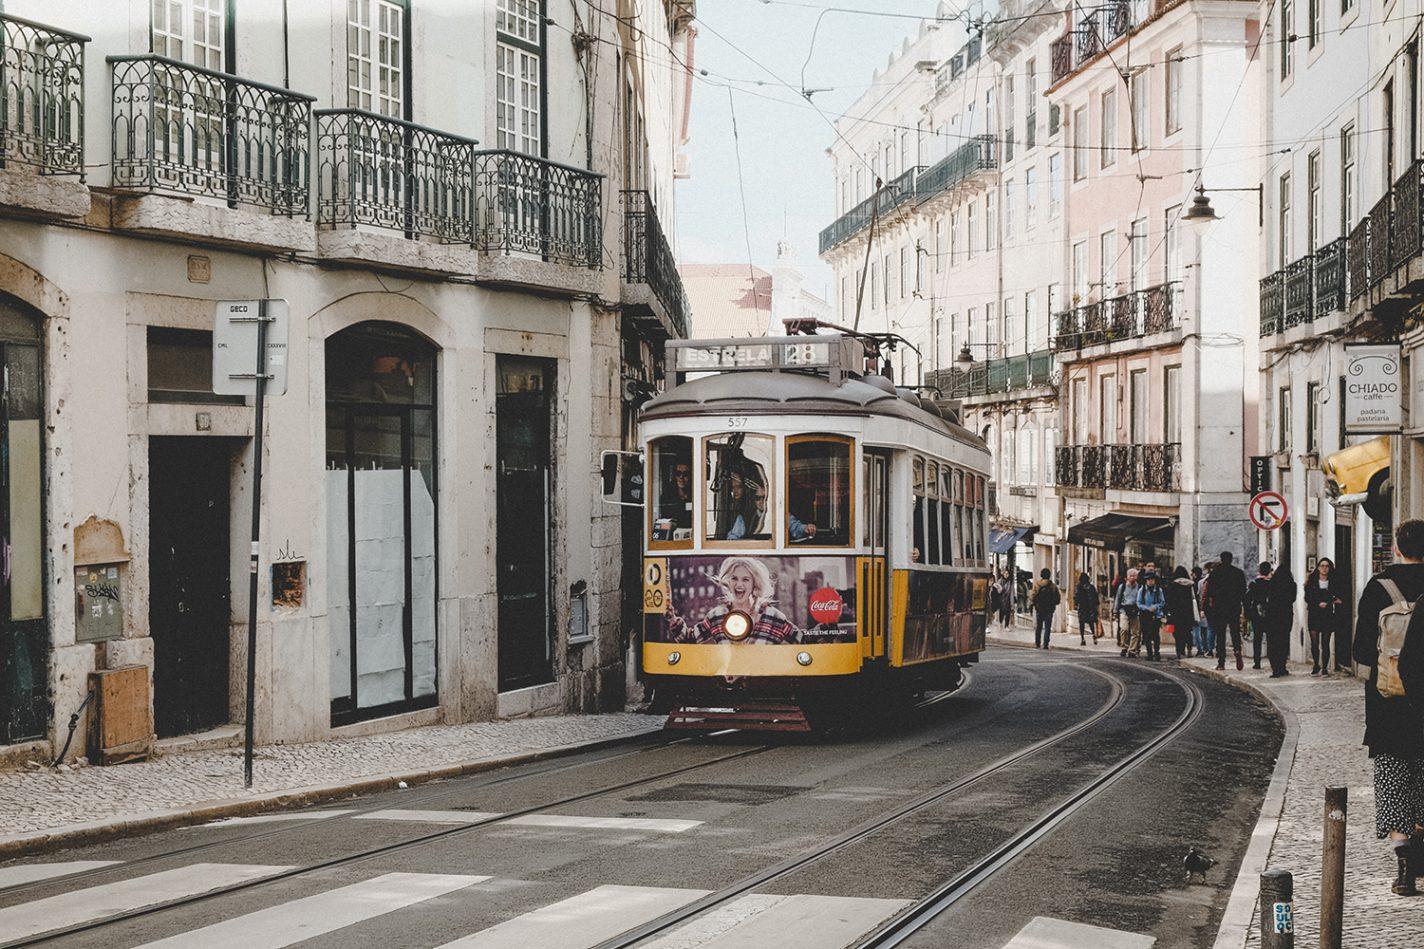 De befaamde gele tram 28 - Weekendje Lissabon